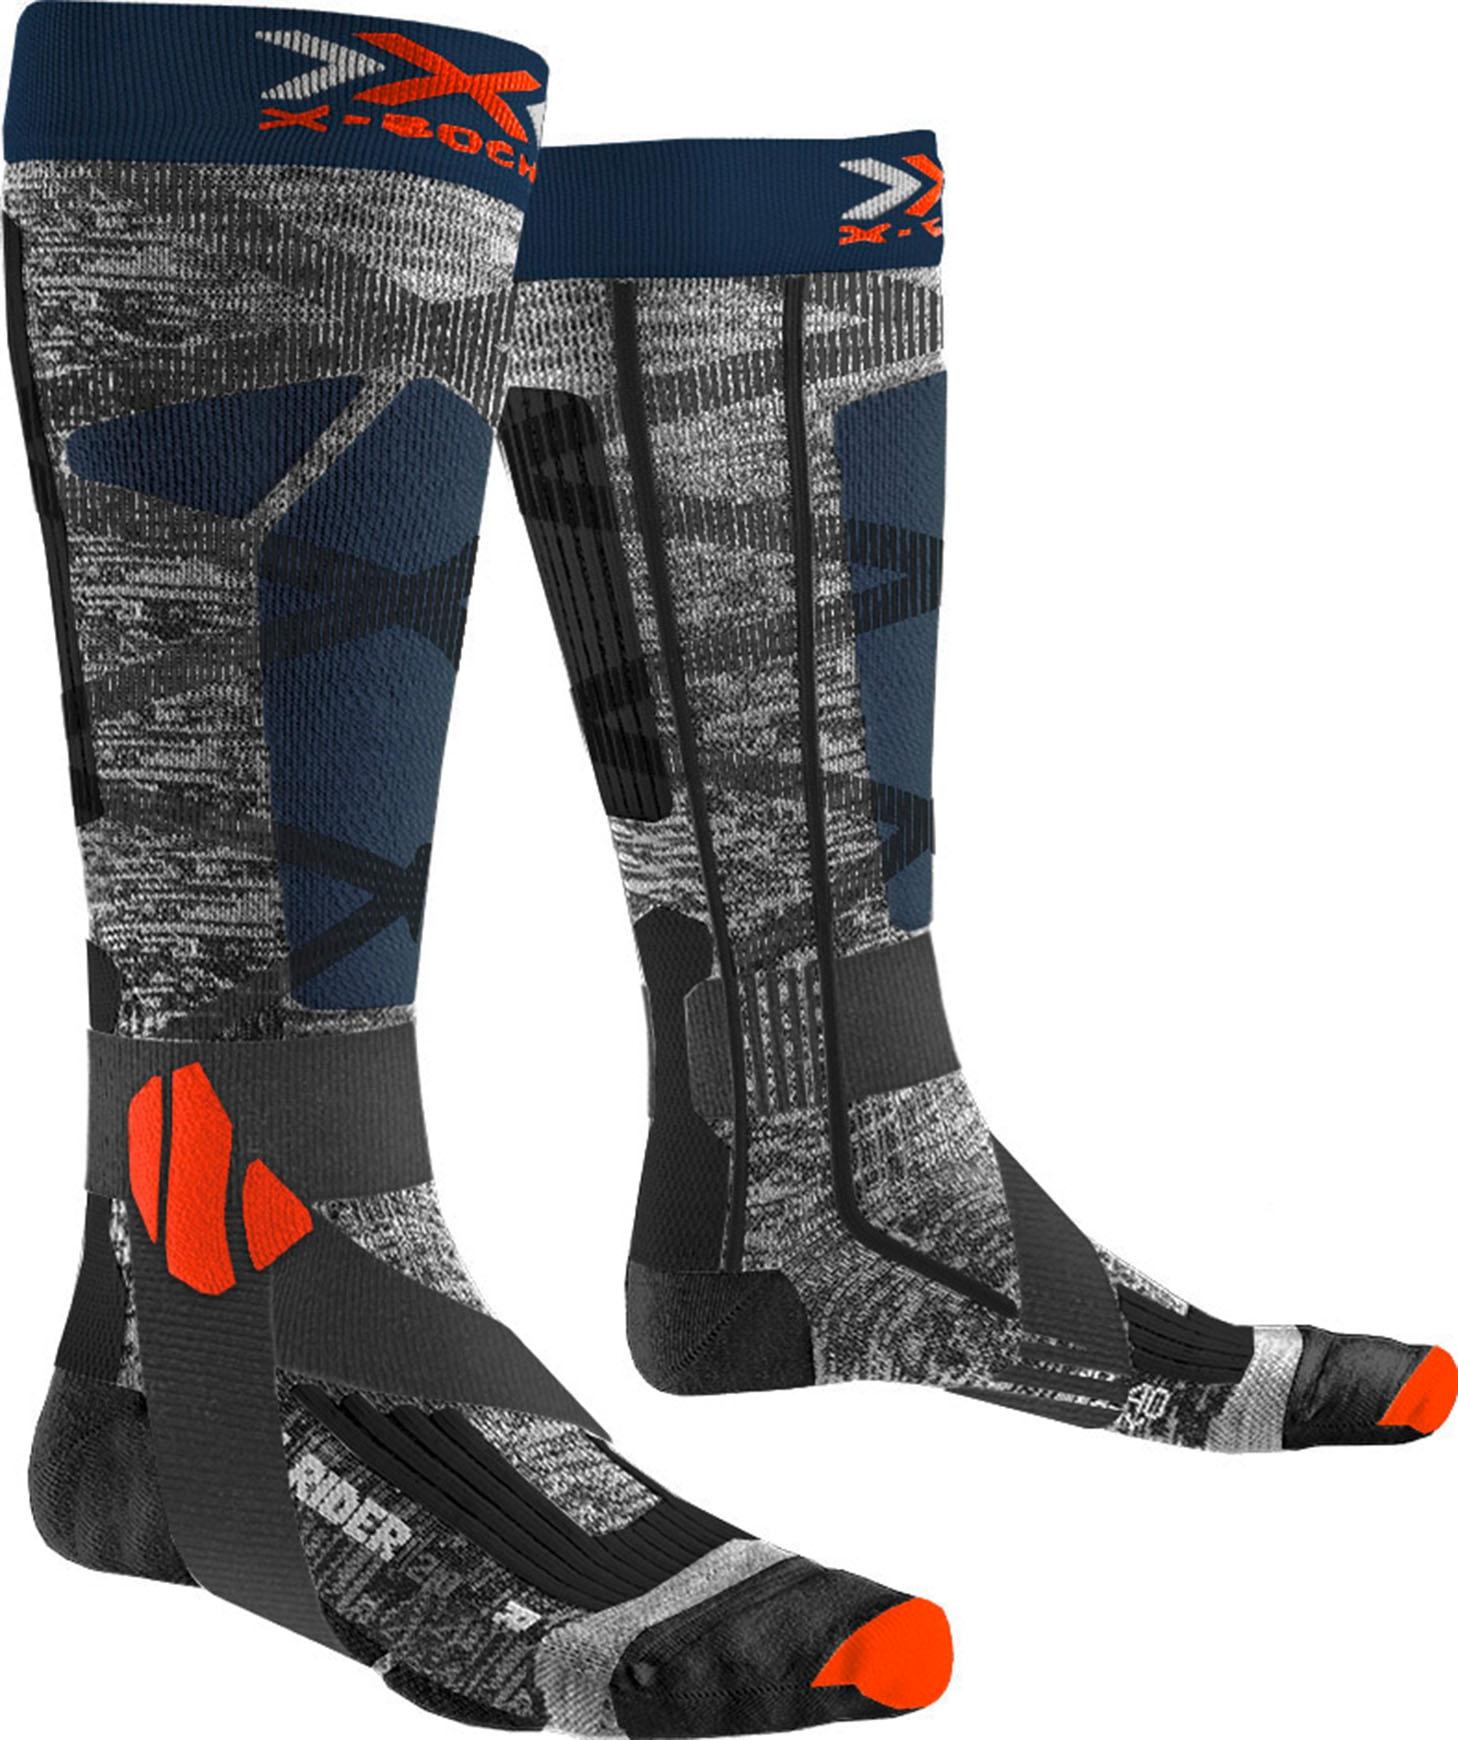 X-SOCKS Chaussettes Ski Energizer Light 4.0 Homme